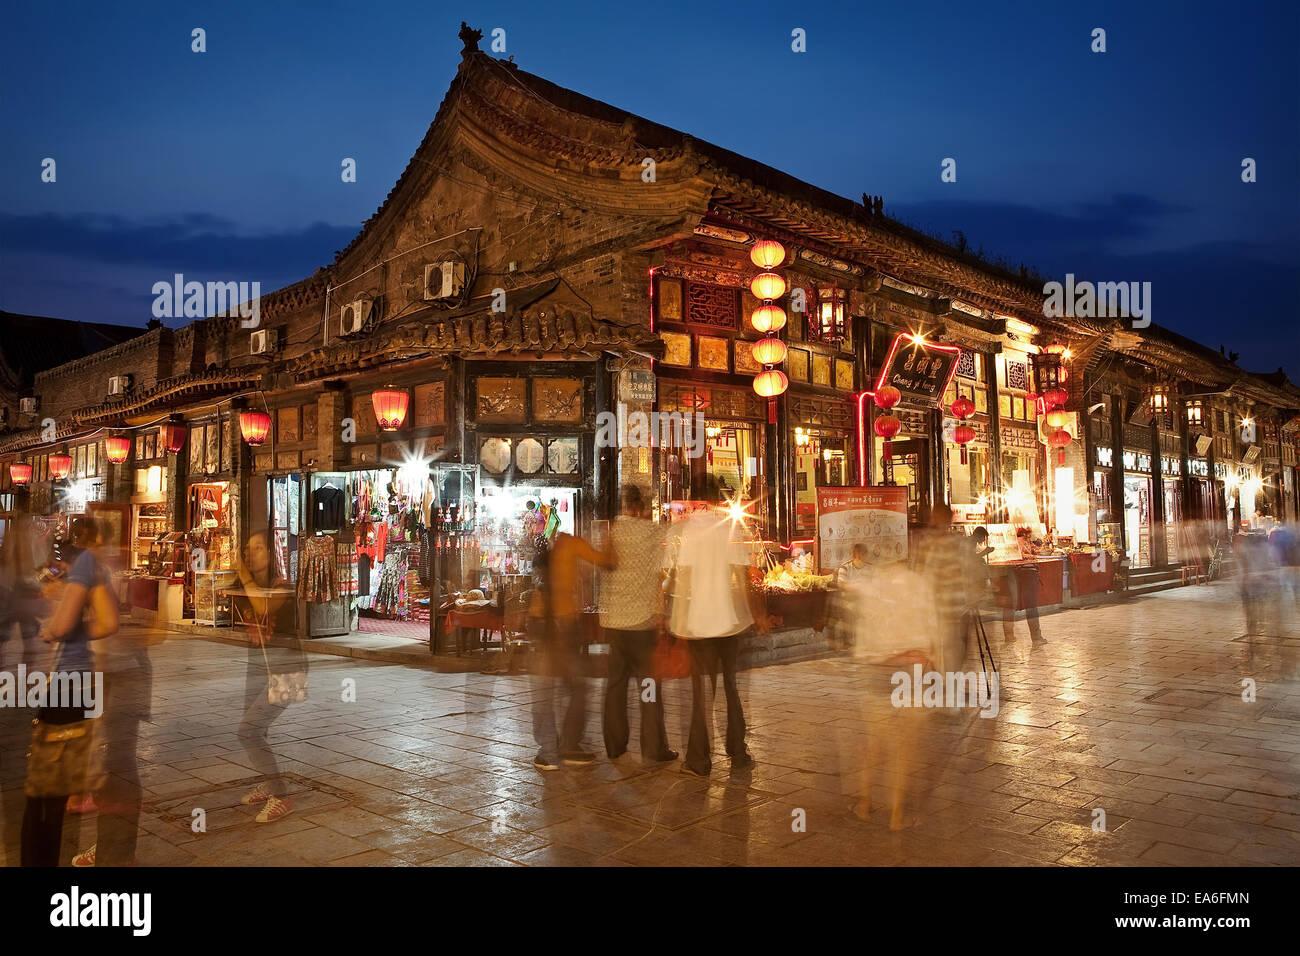 China, Pingyao, ocupado por el mercado nocturno de la calle Pingyao Imagen De Stock